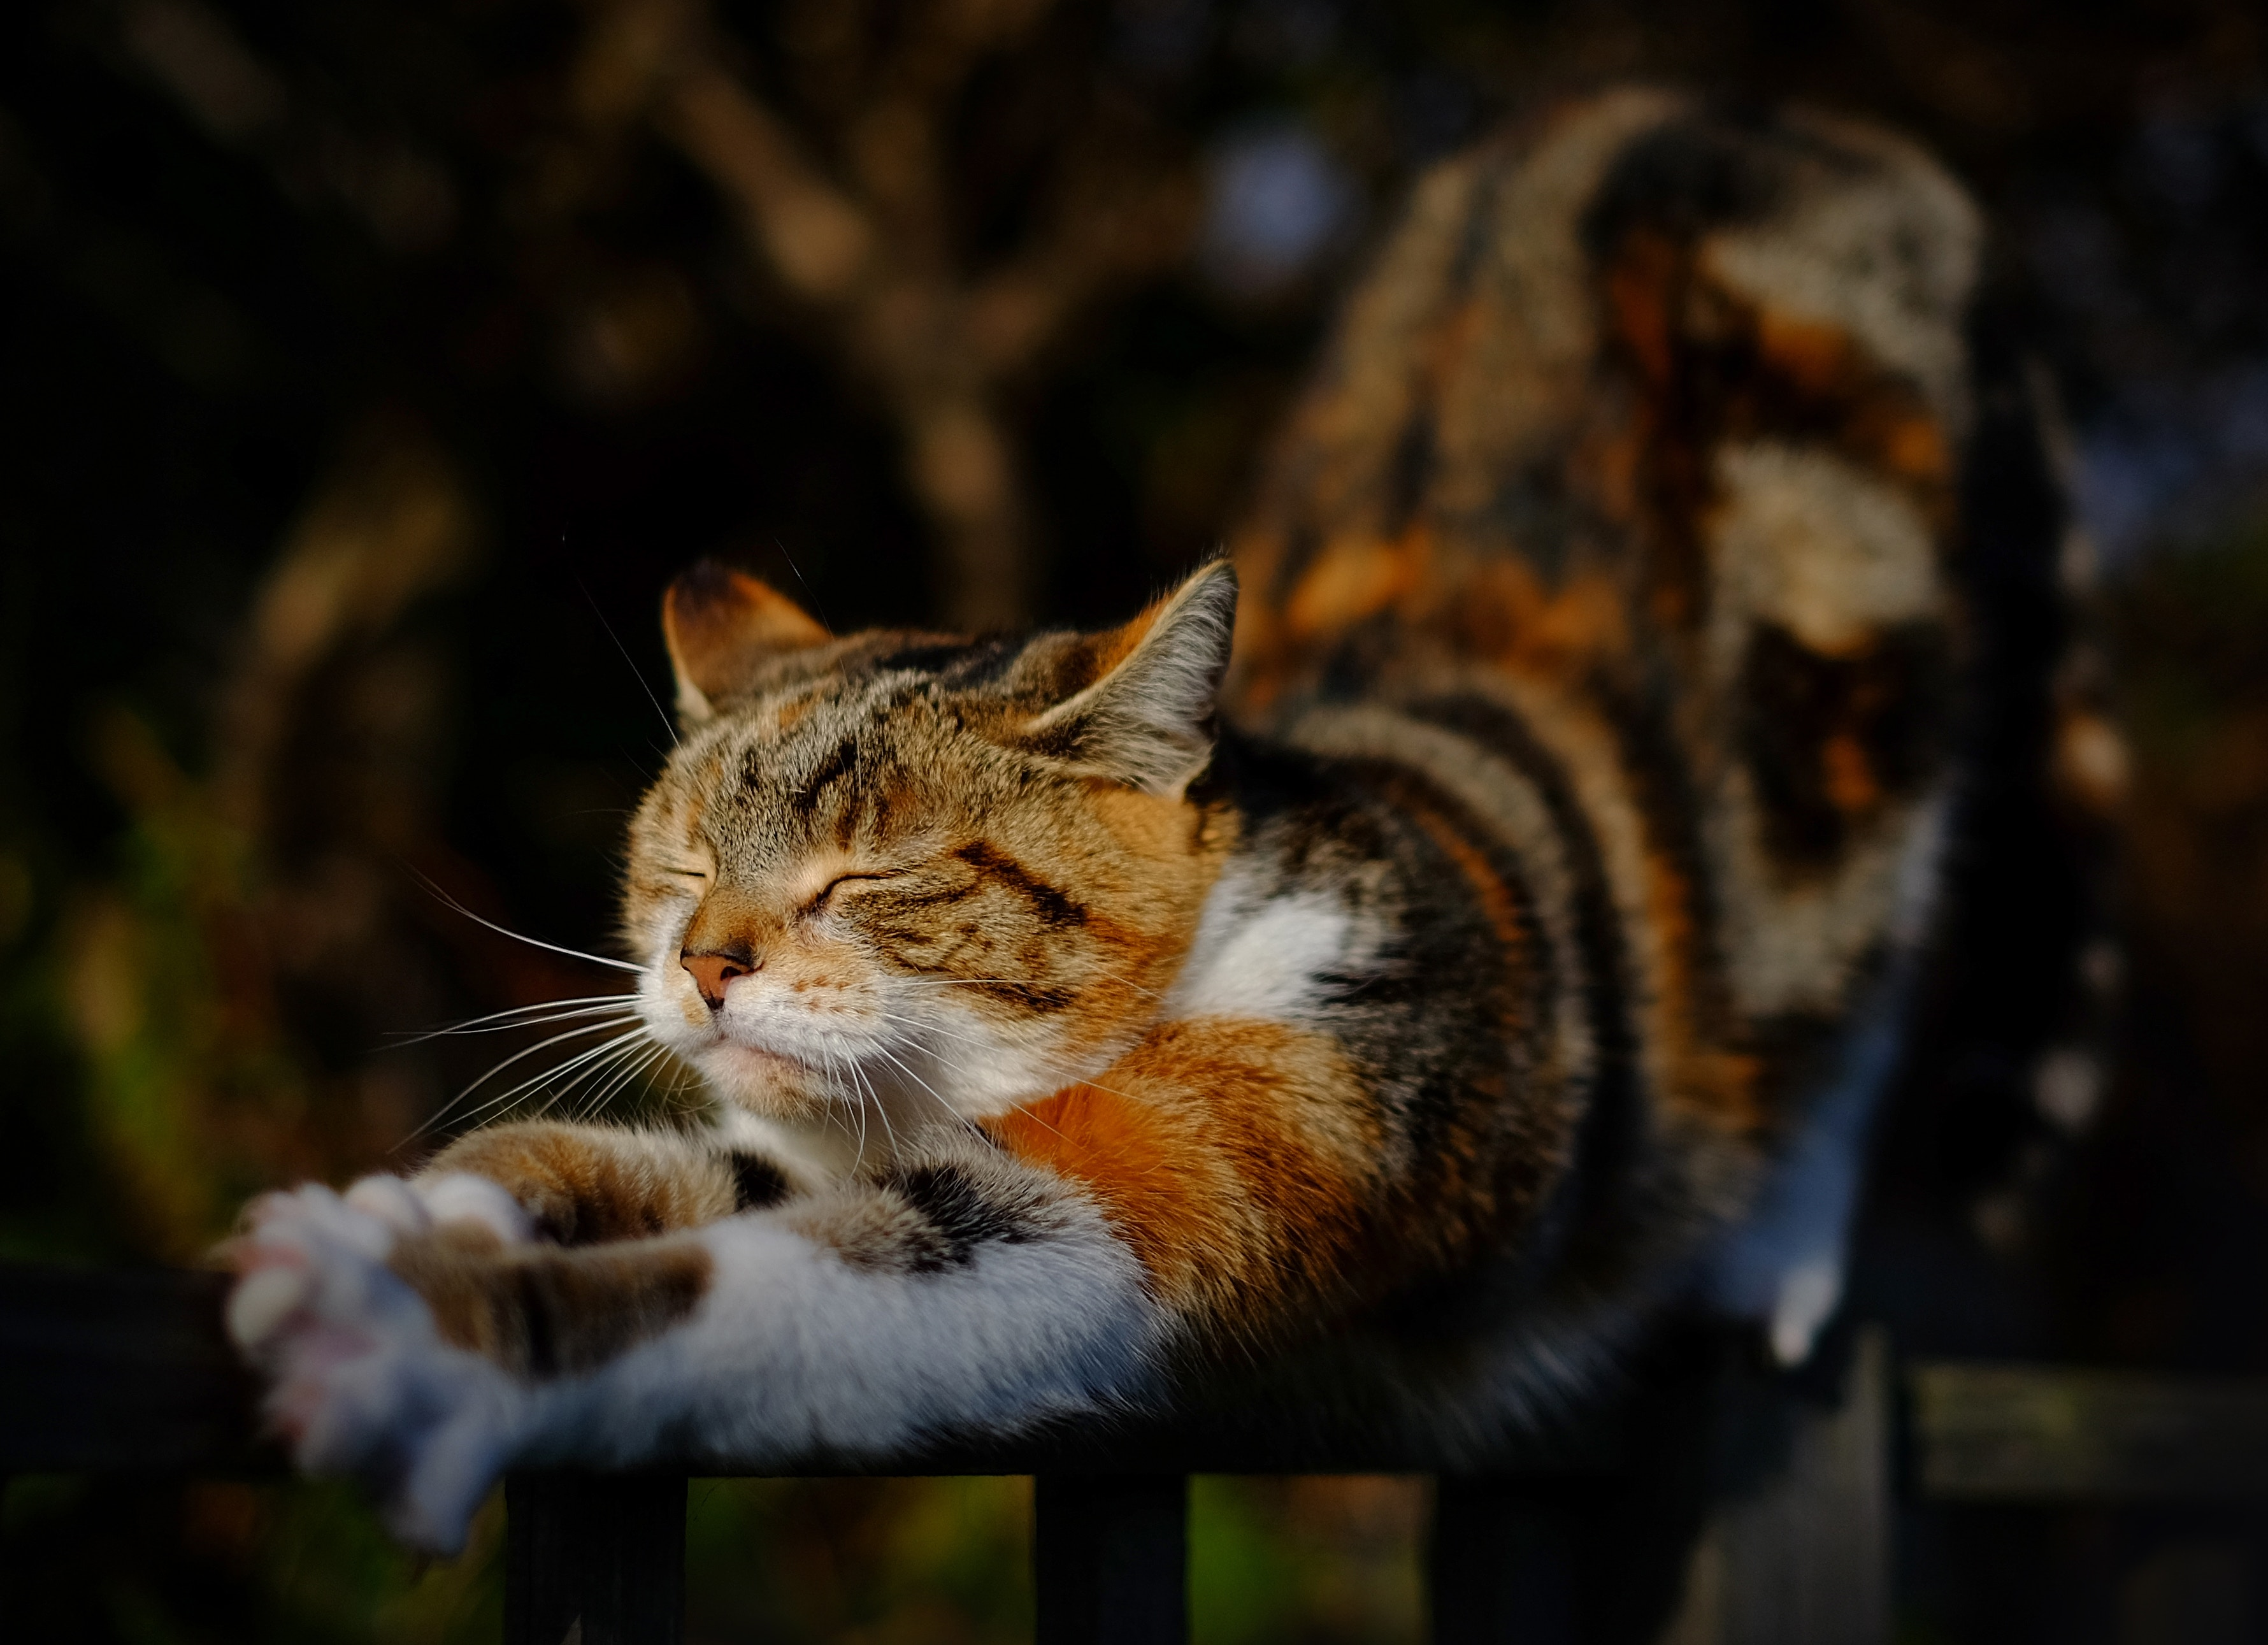 Szylkretowy kot rozciąga się na płocie. Jest narażony na upadek i inne niebezpieczeństwa.